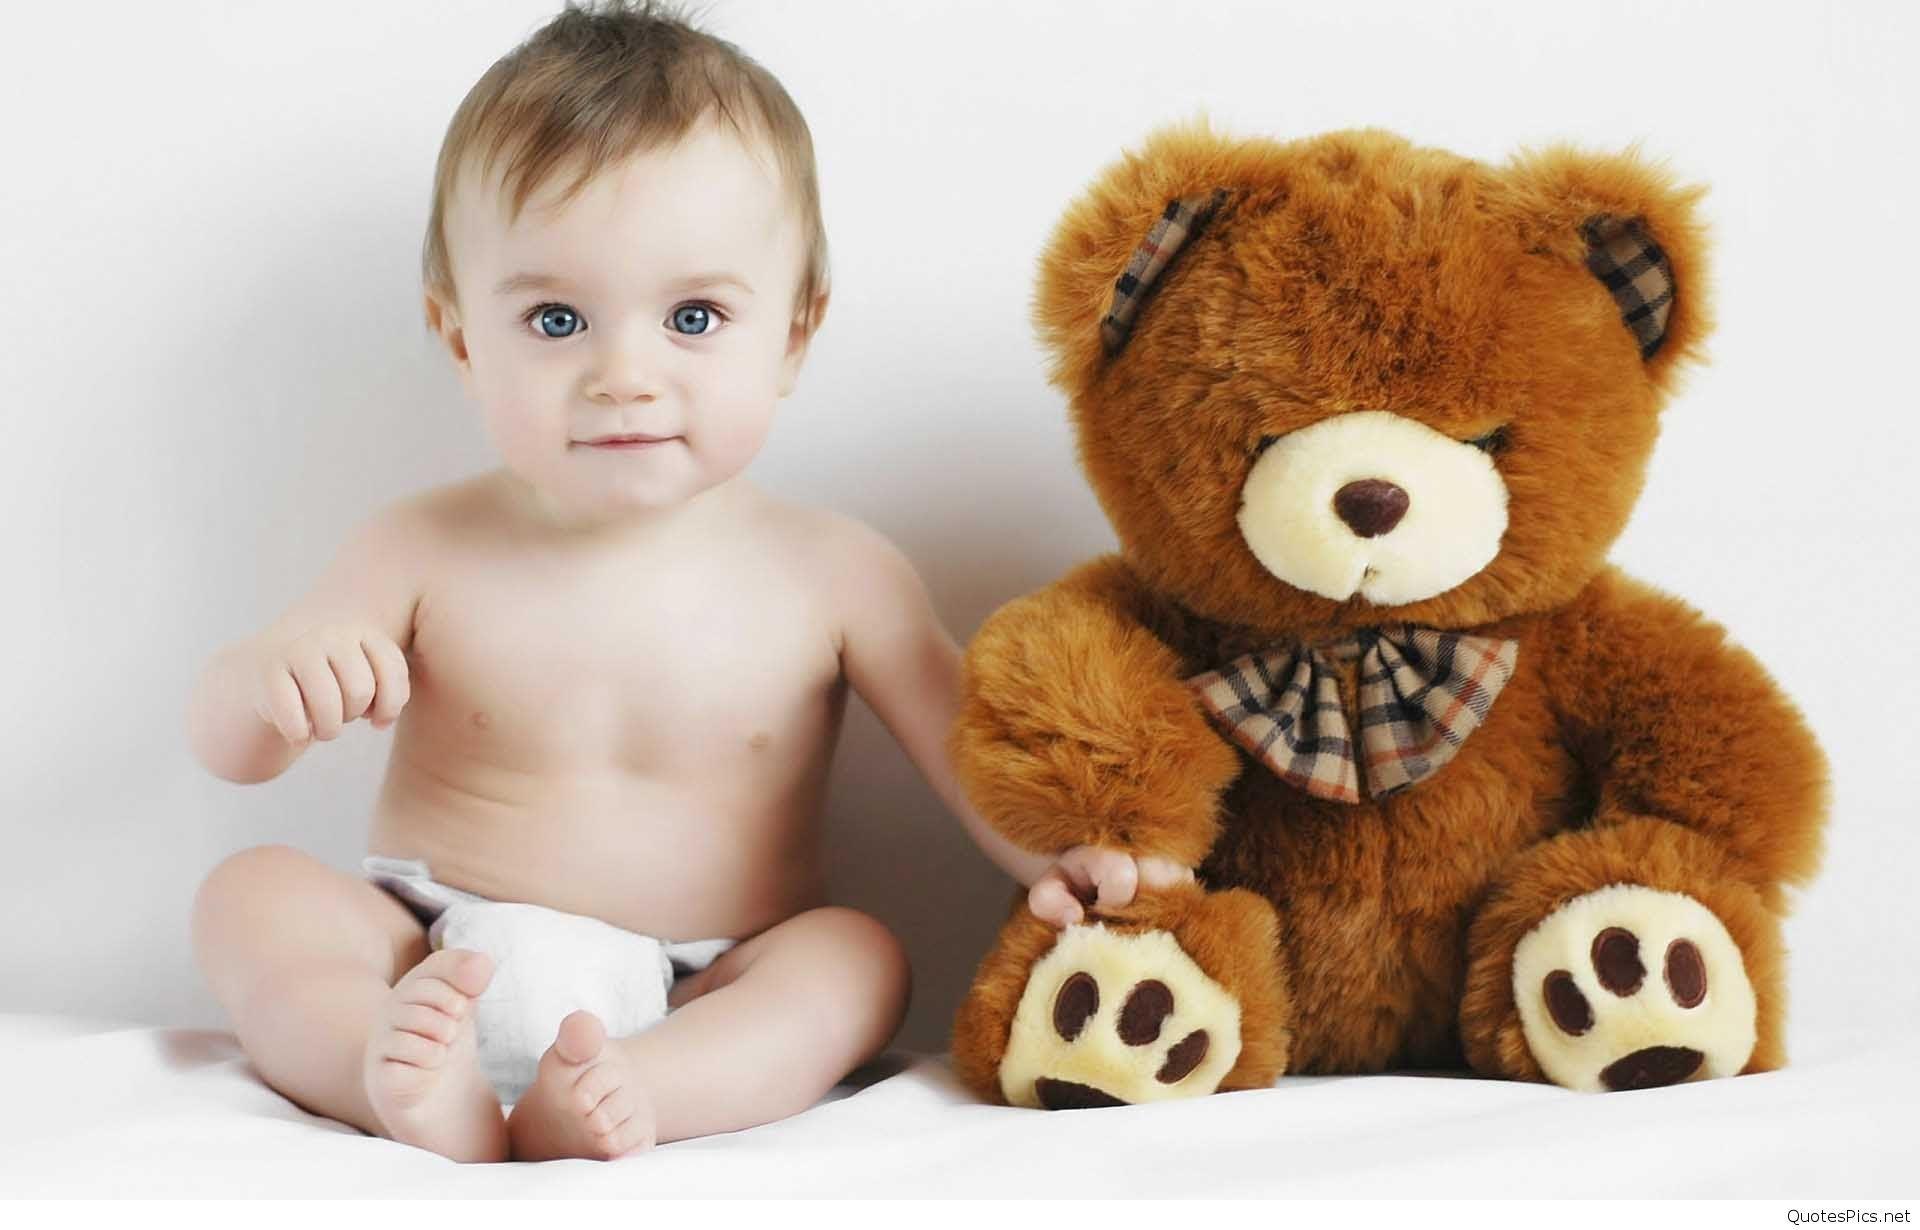 Hình ảnh em bé trai dễ thương